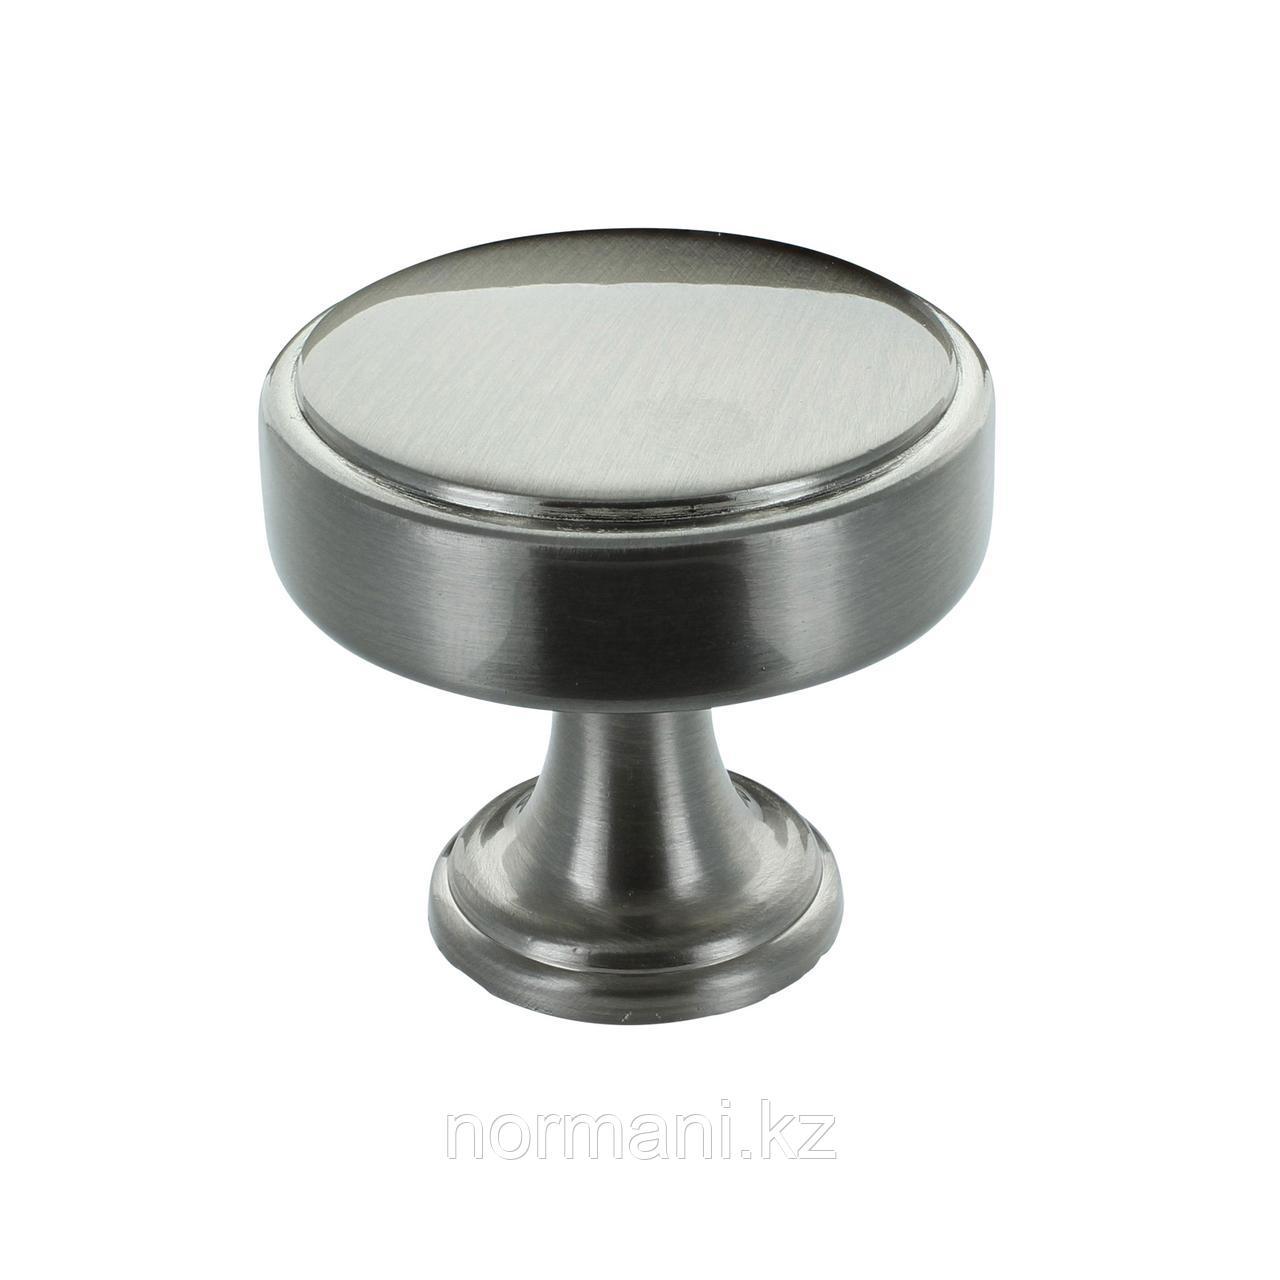 Ручка кнопка диаметр 35мм, отделка сталь шлифованная